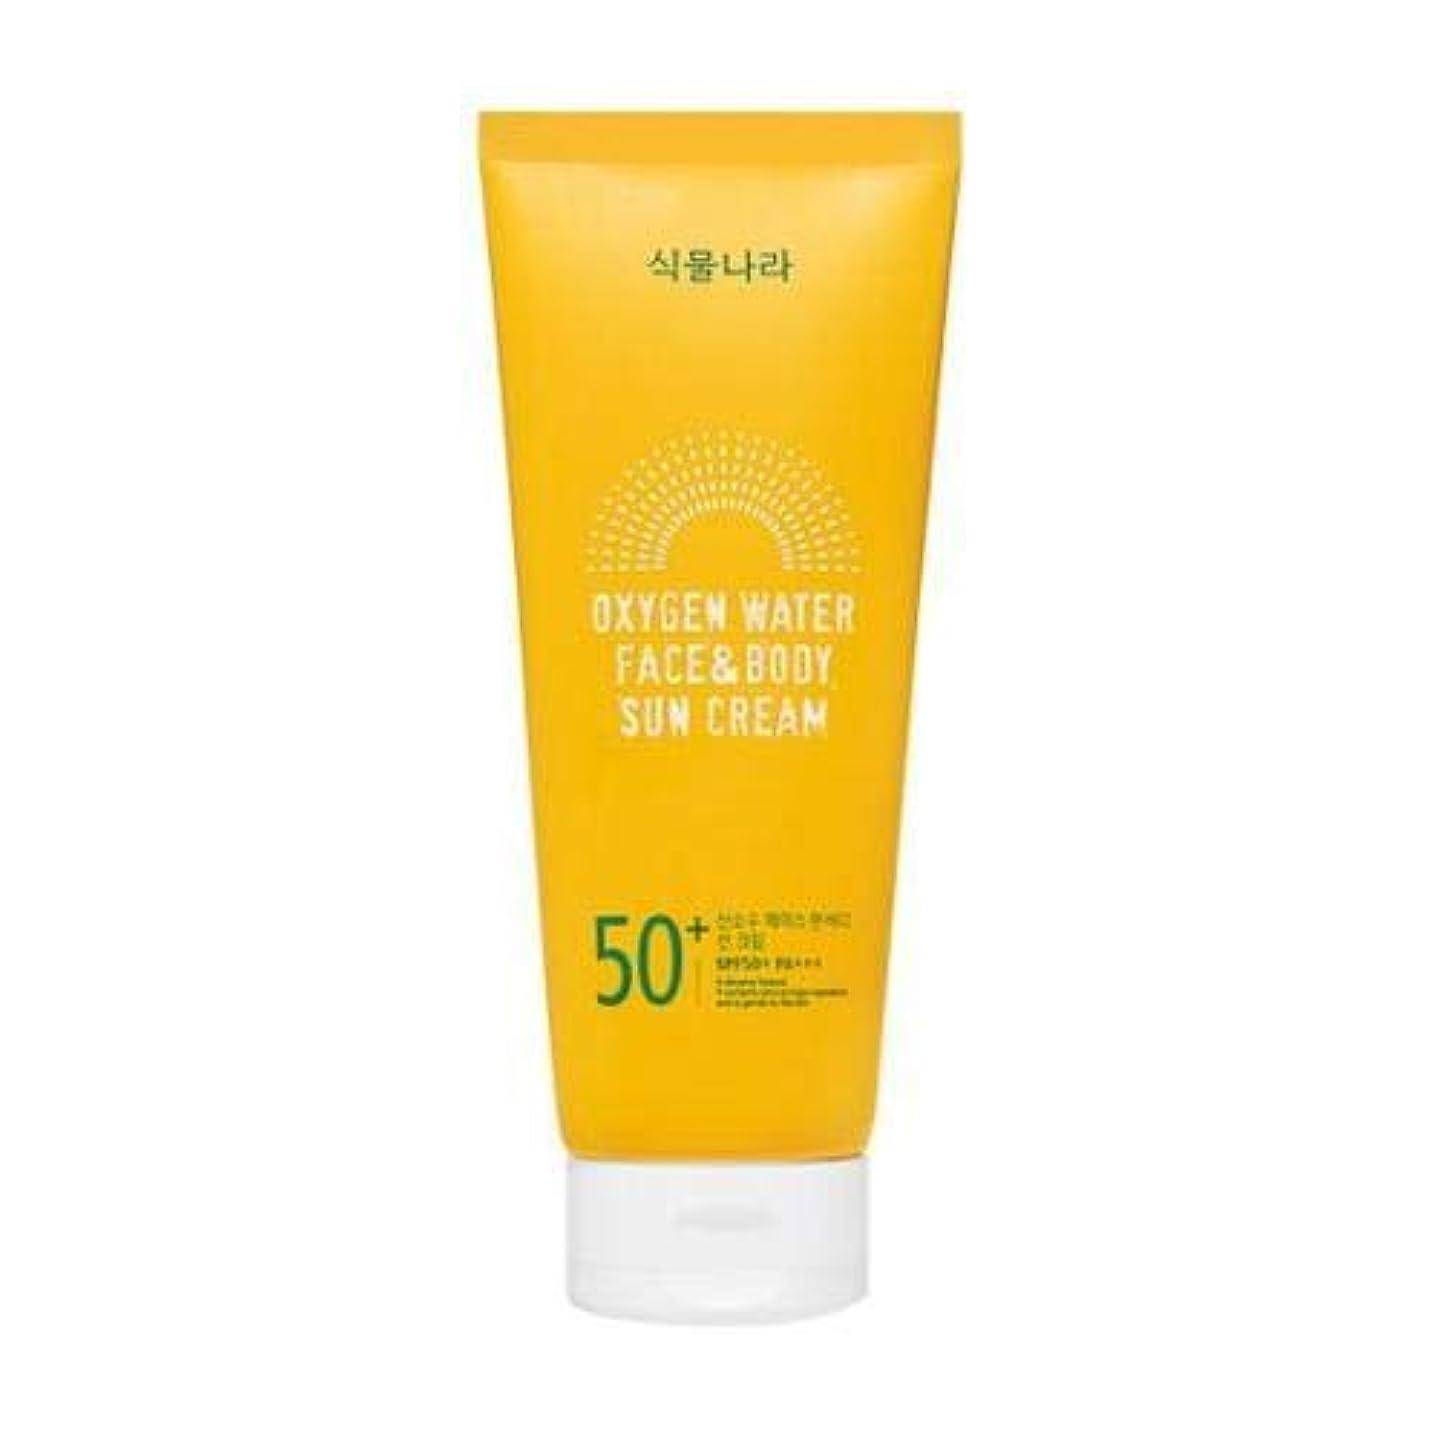 効率的に批評尊敬shingmulnara Oxygen Water Face & Body sun cream サンクリーム (200ml) SPF50+ PA+++